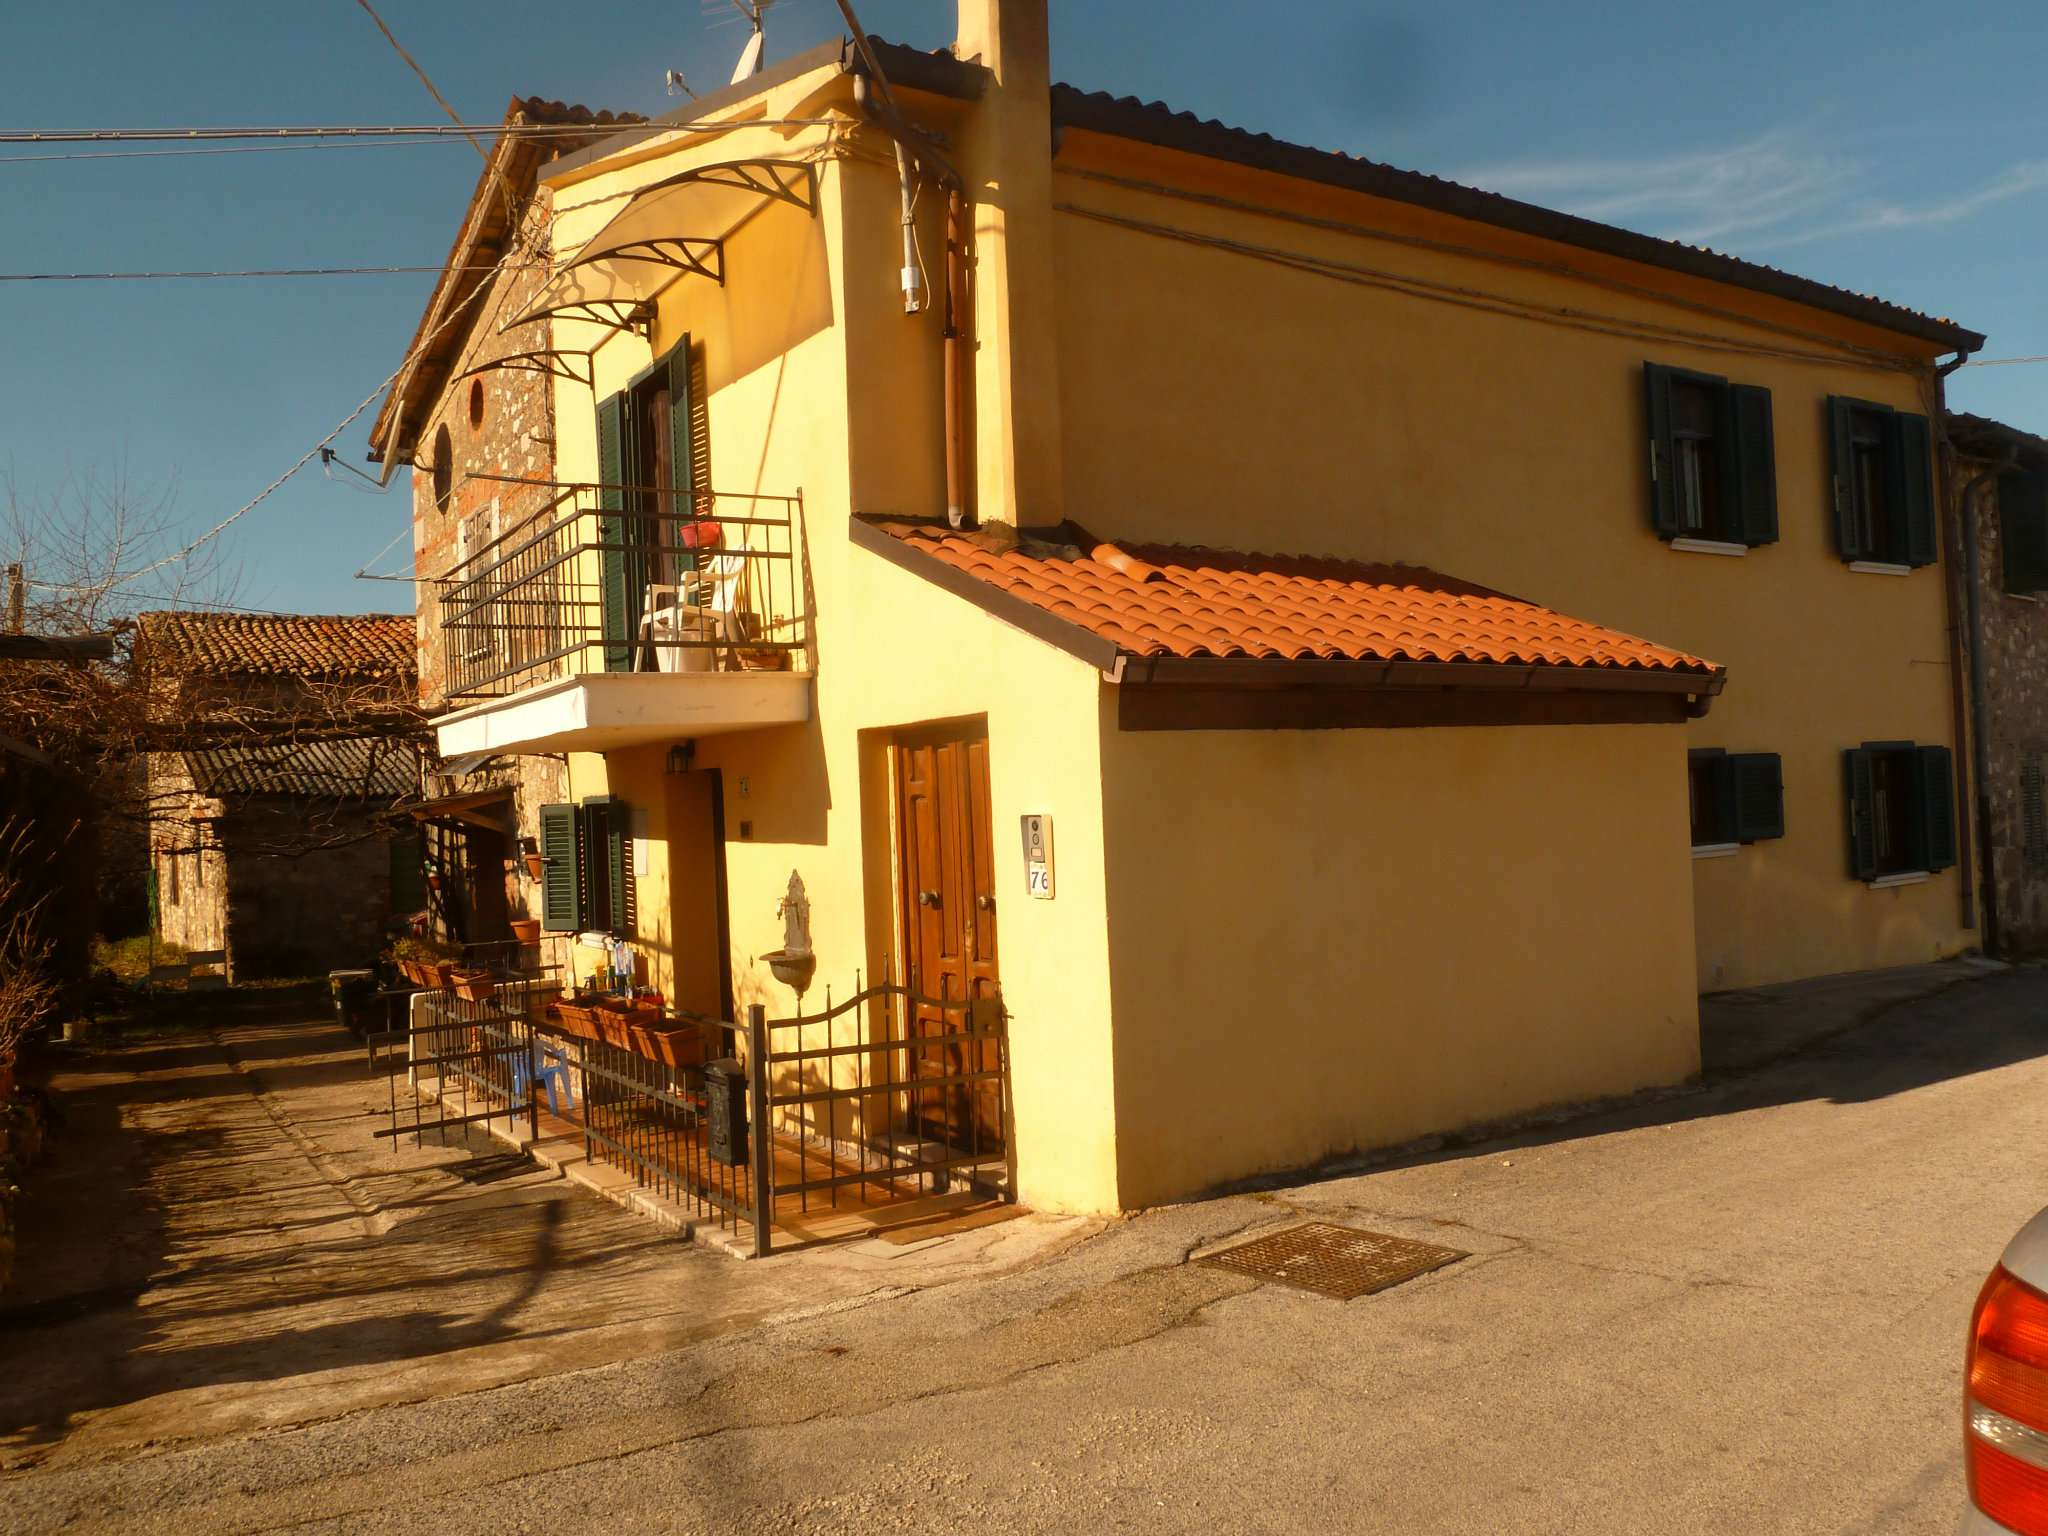 Soluzione Semindipendente in vendita a Oricola, 4 locali, prezzo € 110.000 | CambioCasa.it